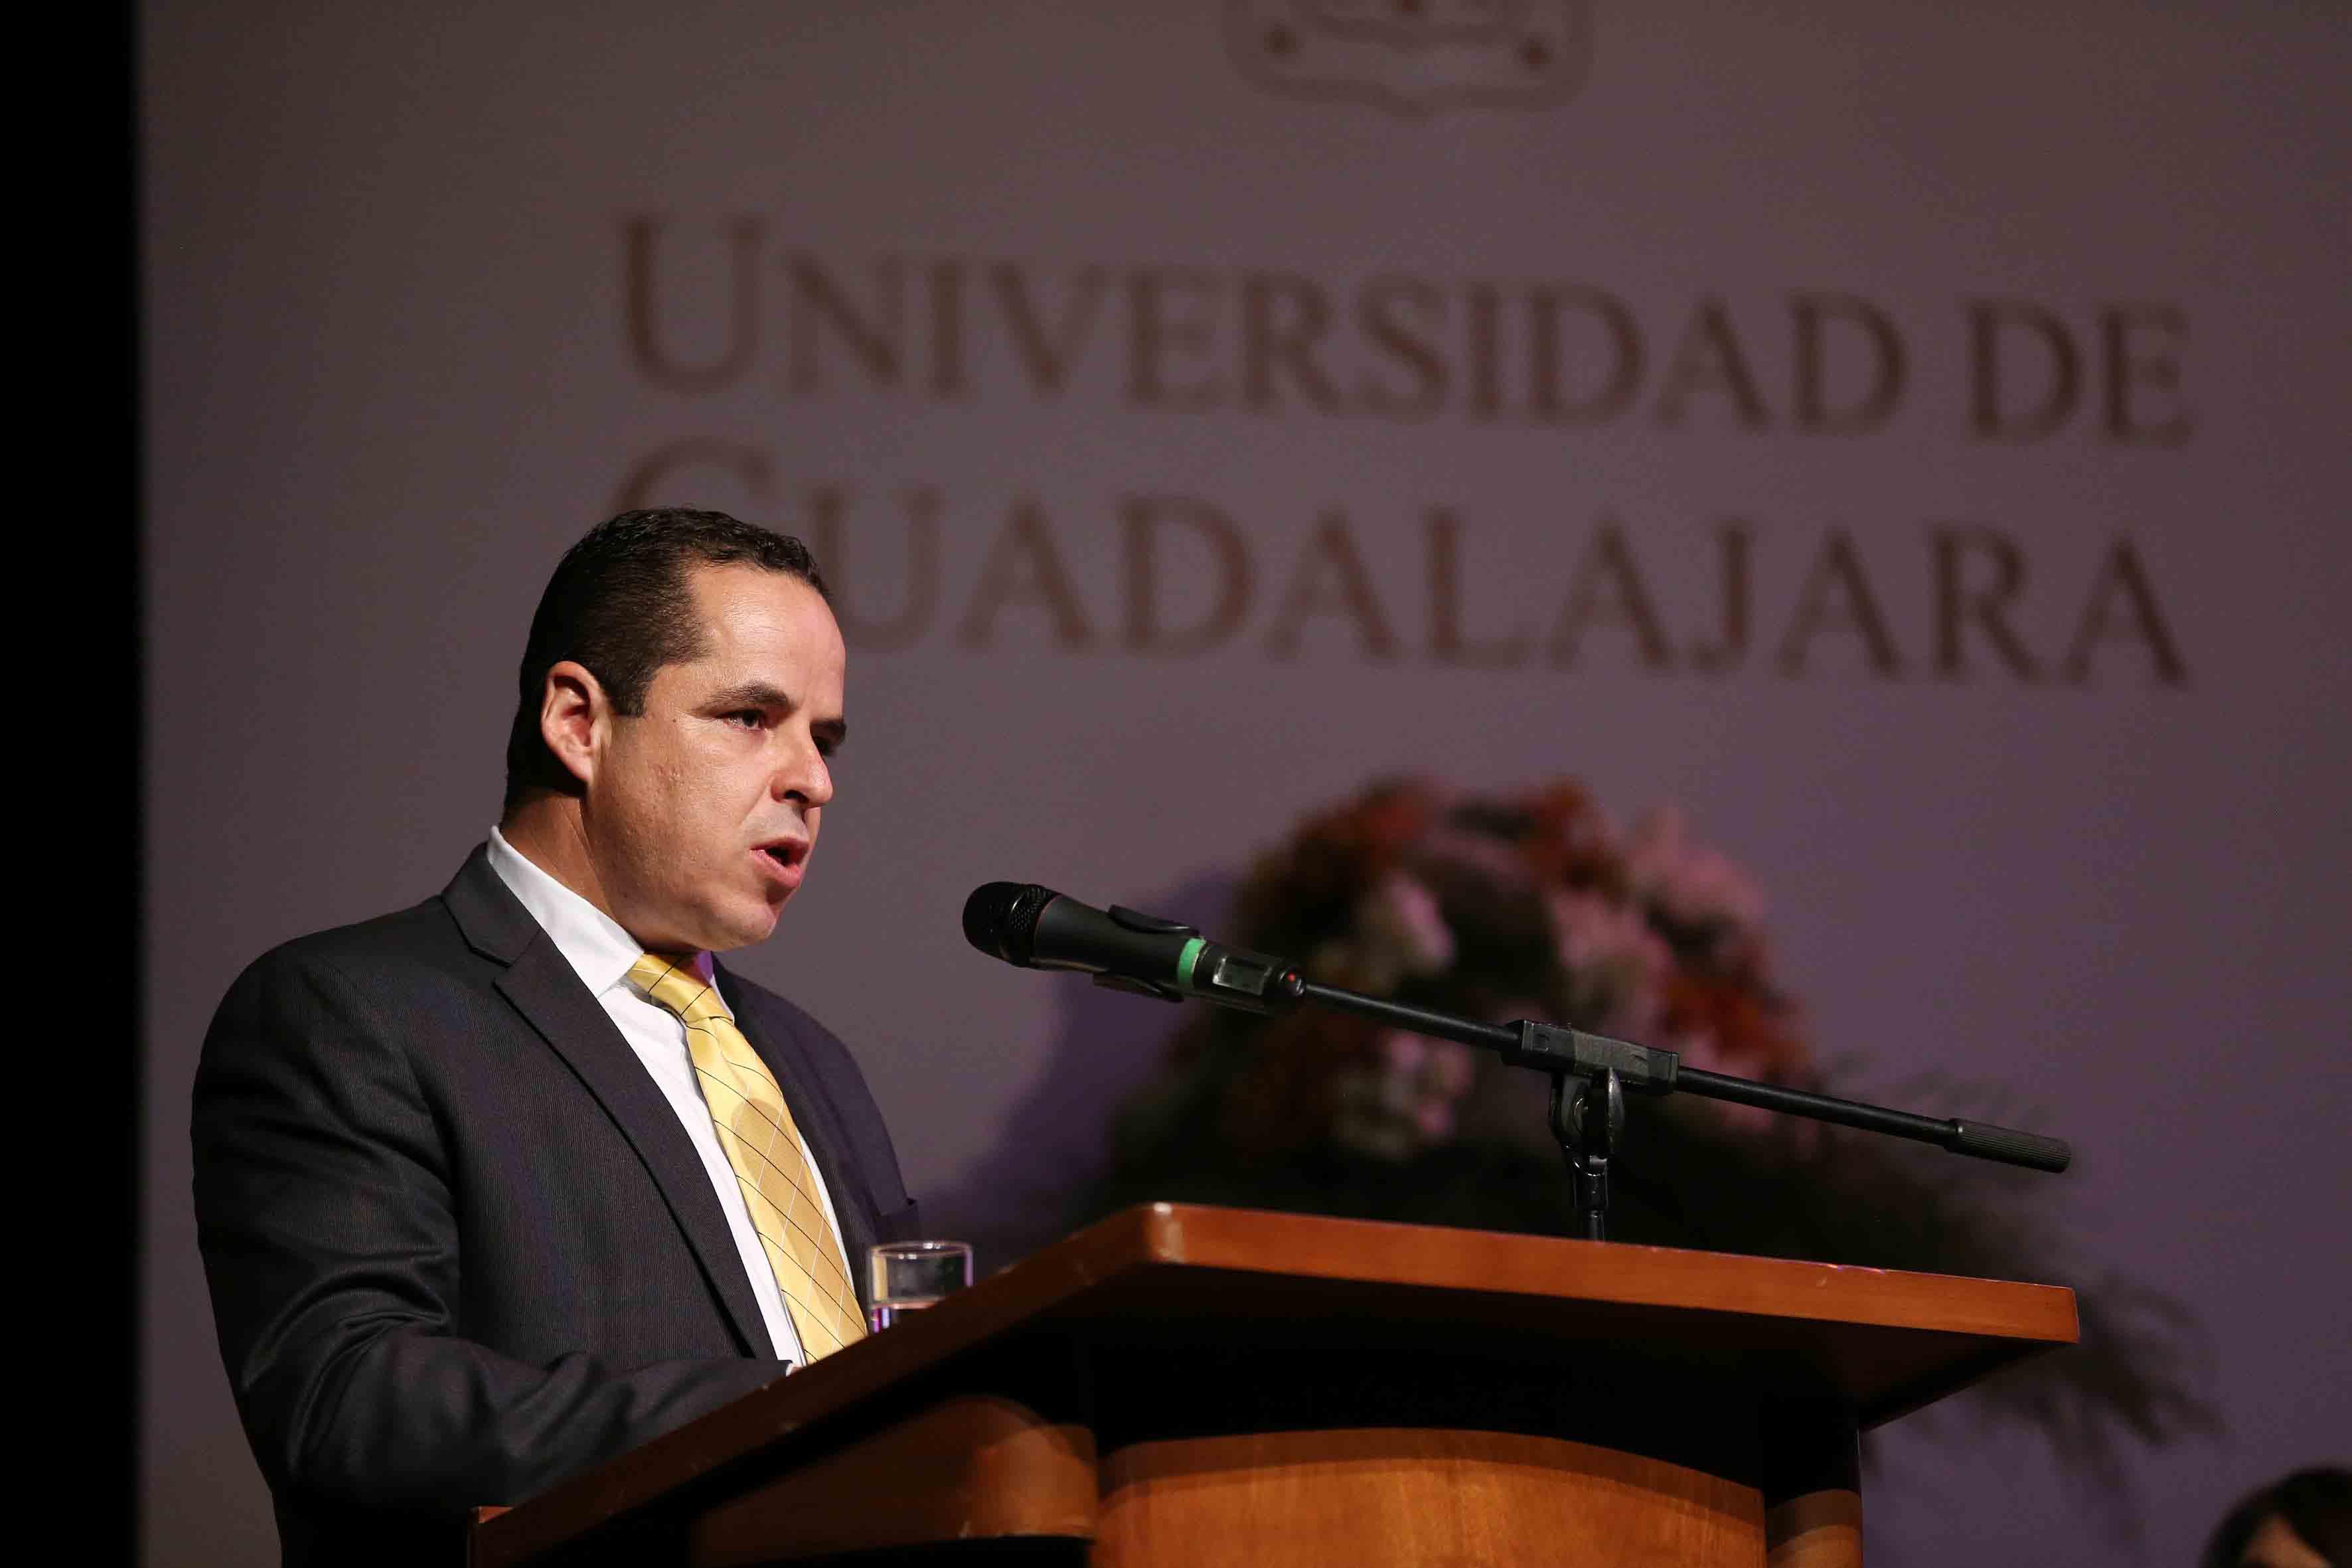 El maestro Enrique Velázquez González, secretario general del Sindicato de Trabajadores Académicos de la Universidad de Guadalajara